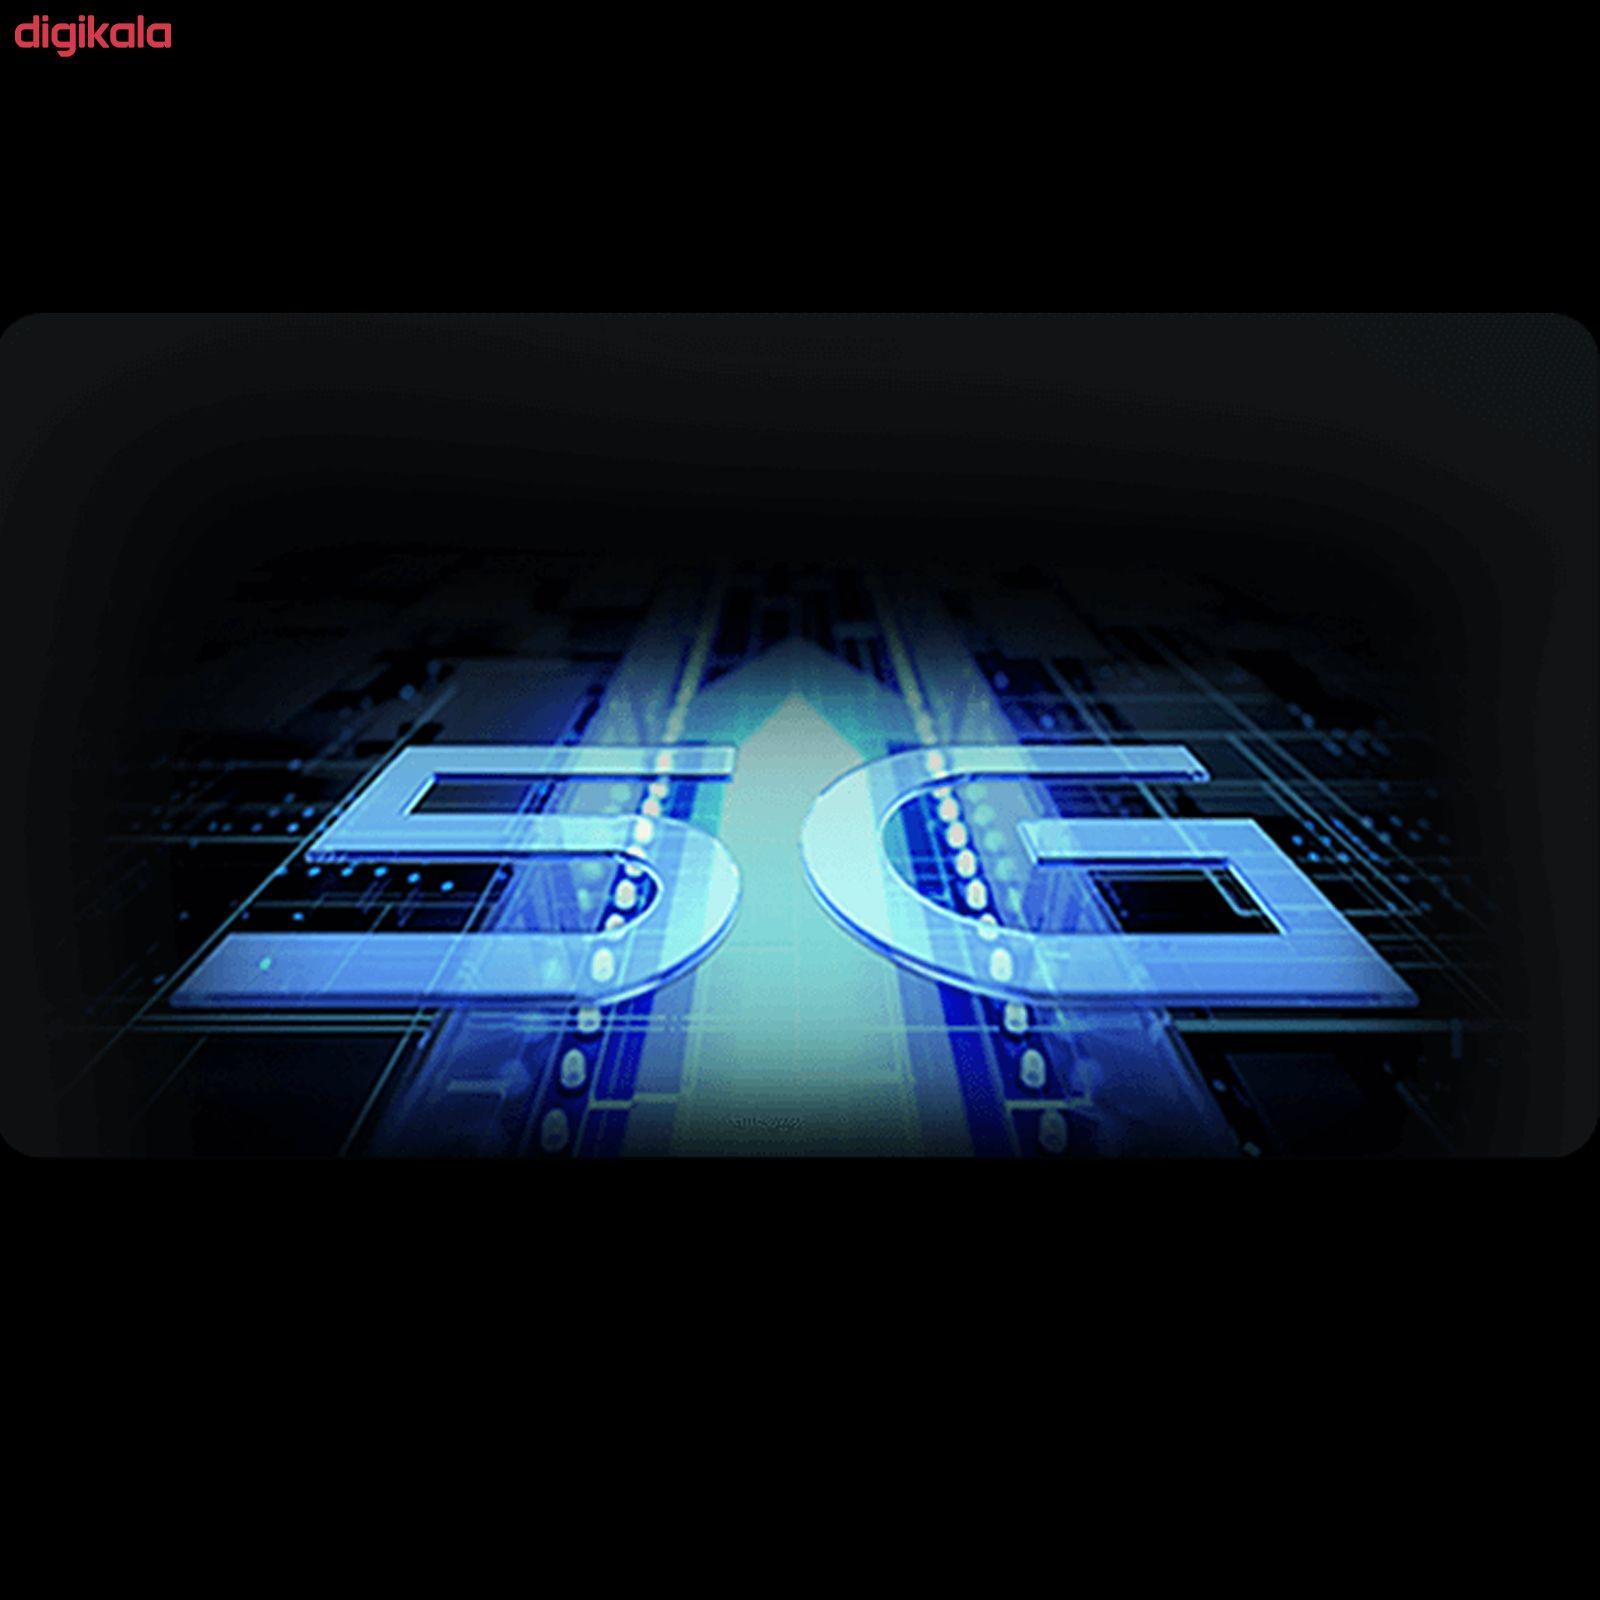 گوشی موبایل شیائومی مدل Mi 10 Lite 5G M2002J9G دو سیم کارت ظرفیت 128 گیگابایت  main 1 4